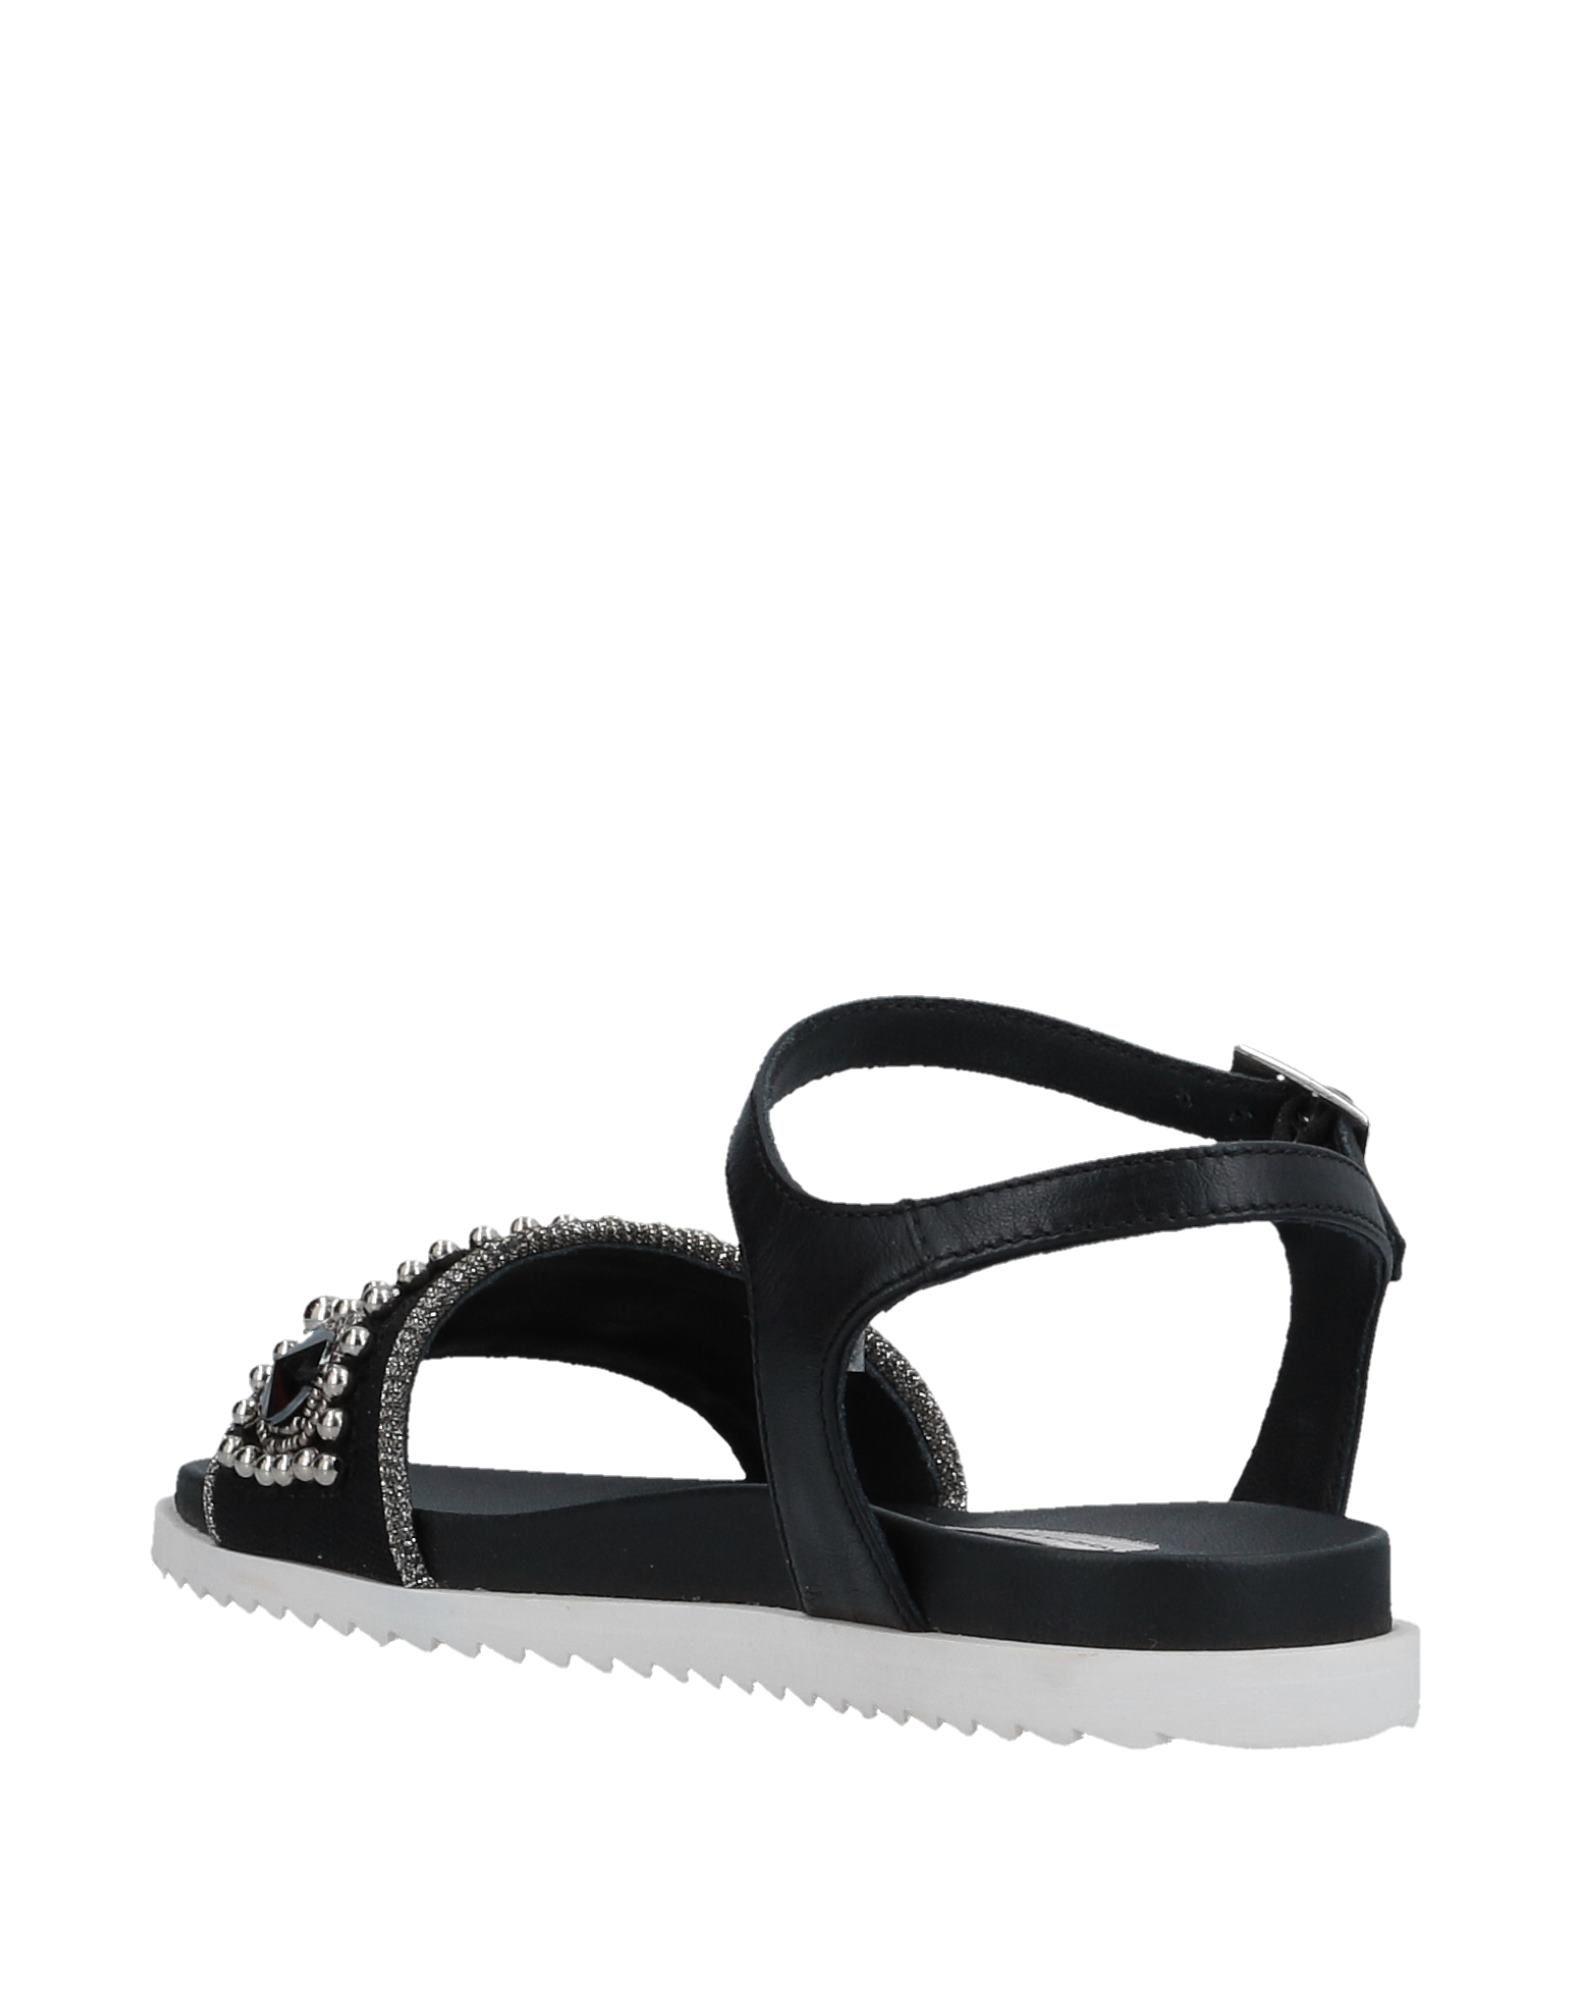 Tosca Blu Shoes Sandalen 11509088MG Damen  11509088MG Sandalen Gute Qualität beliebte Schuhe e076ab